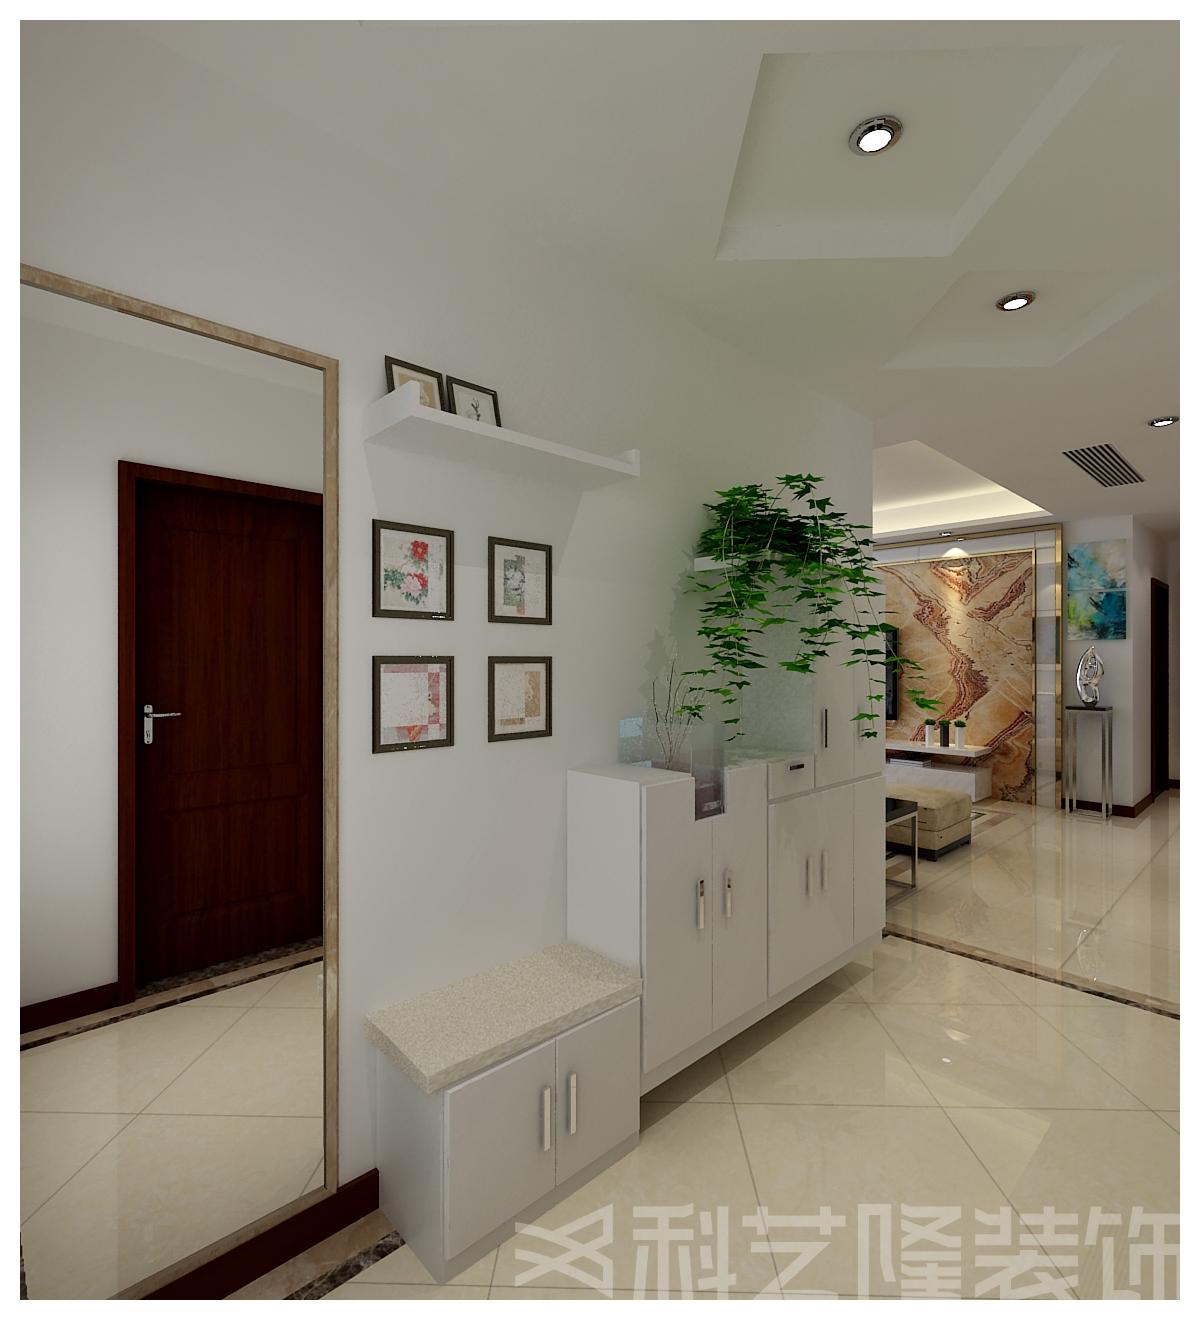 玄关图片来自天津科艺隆装饰在融创中心的分享